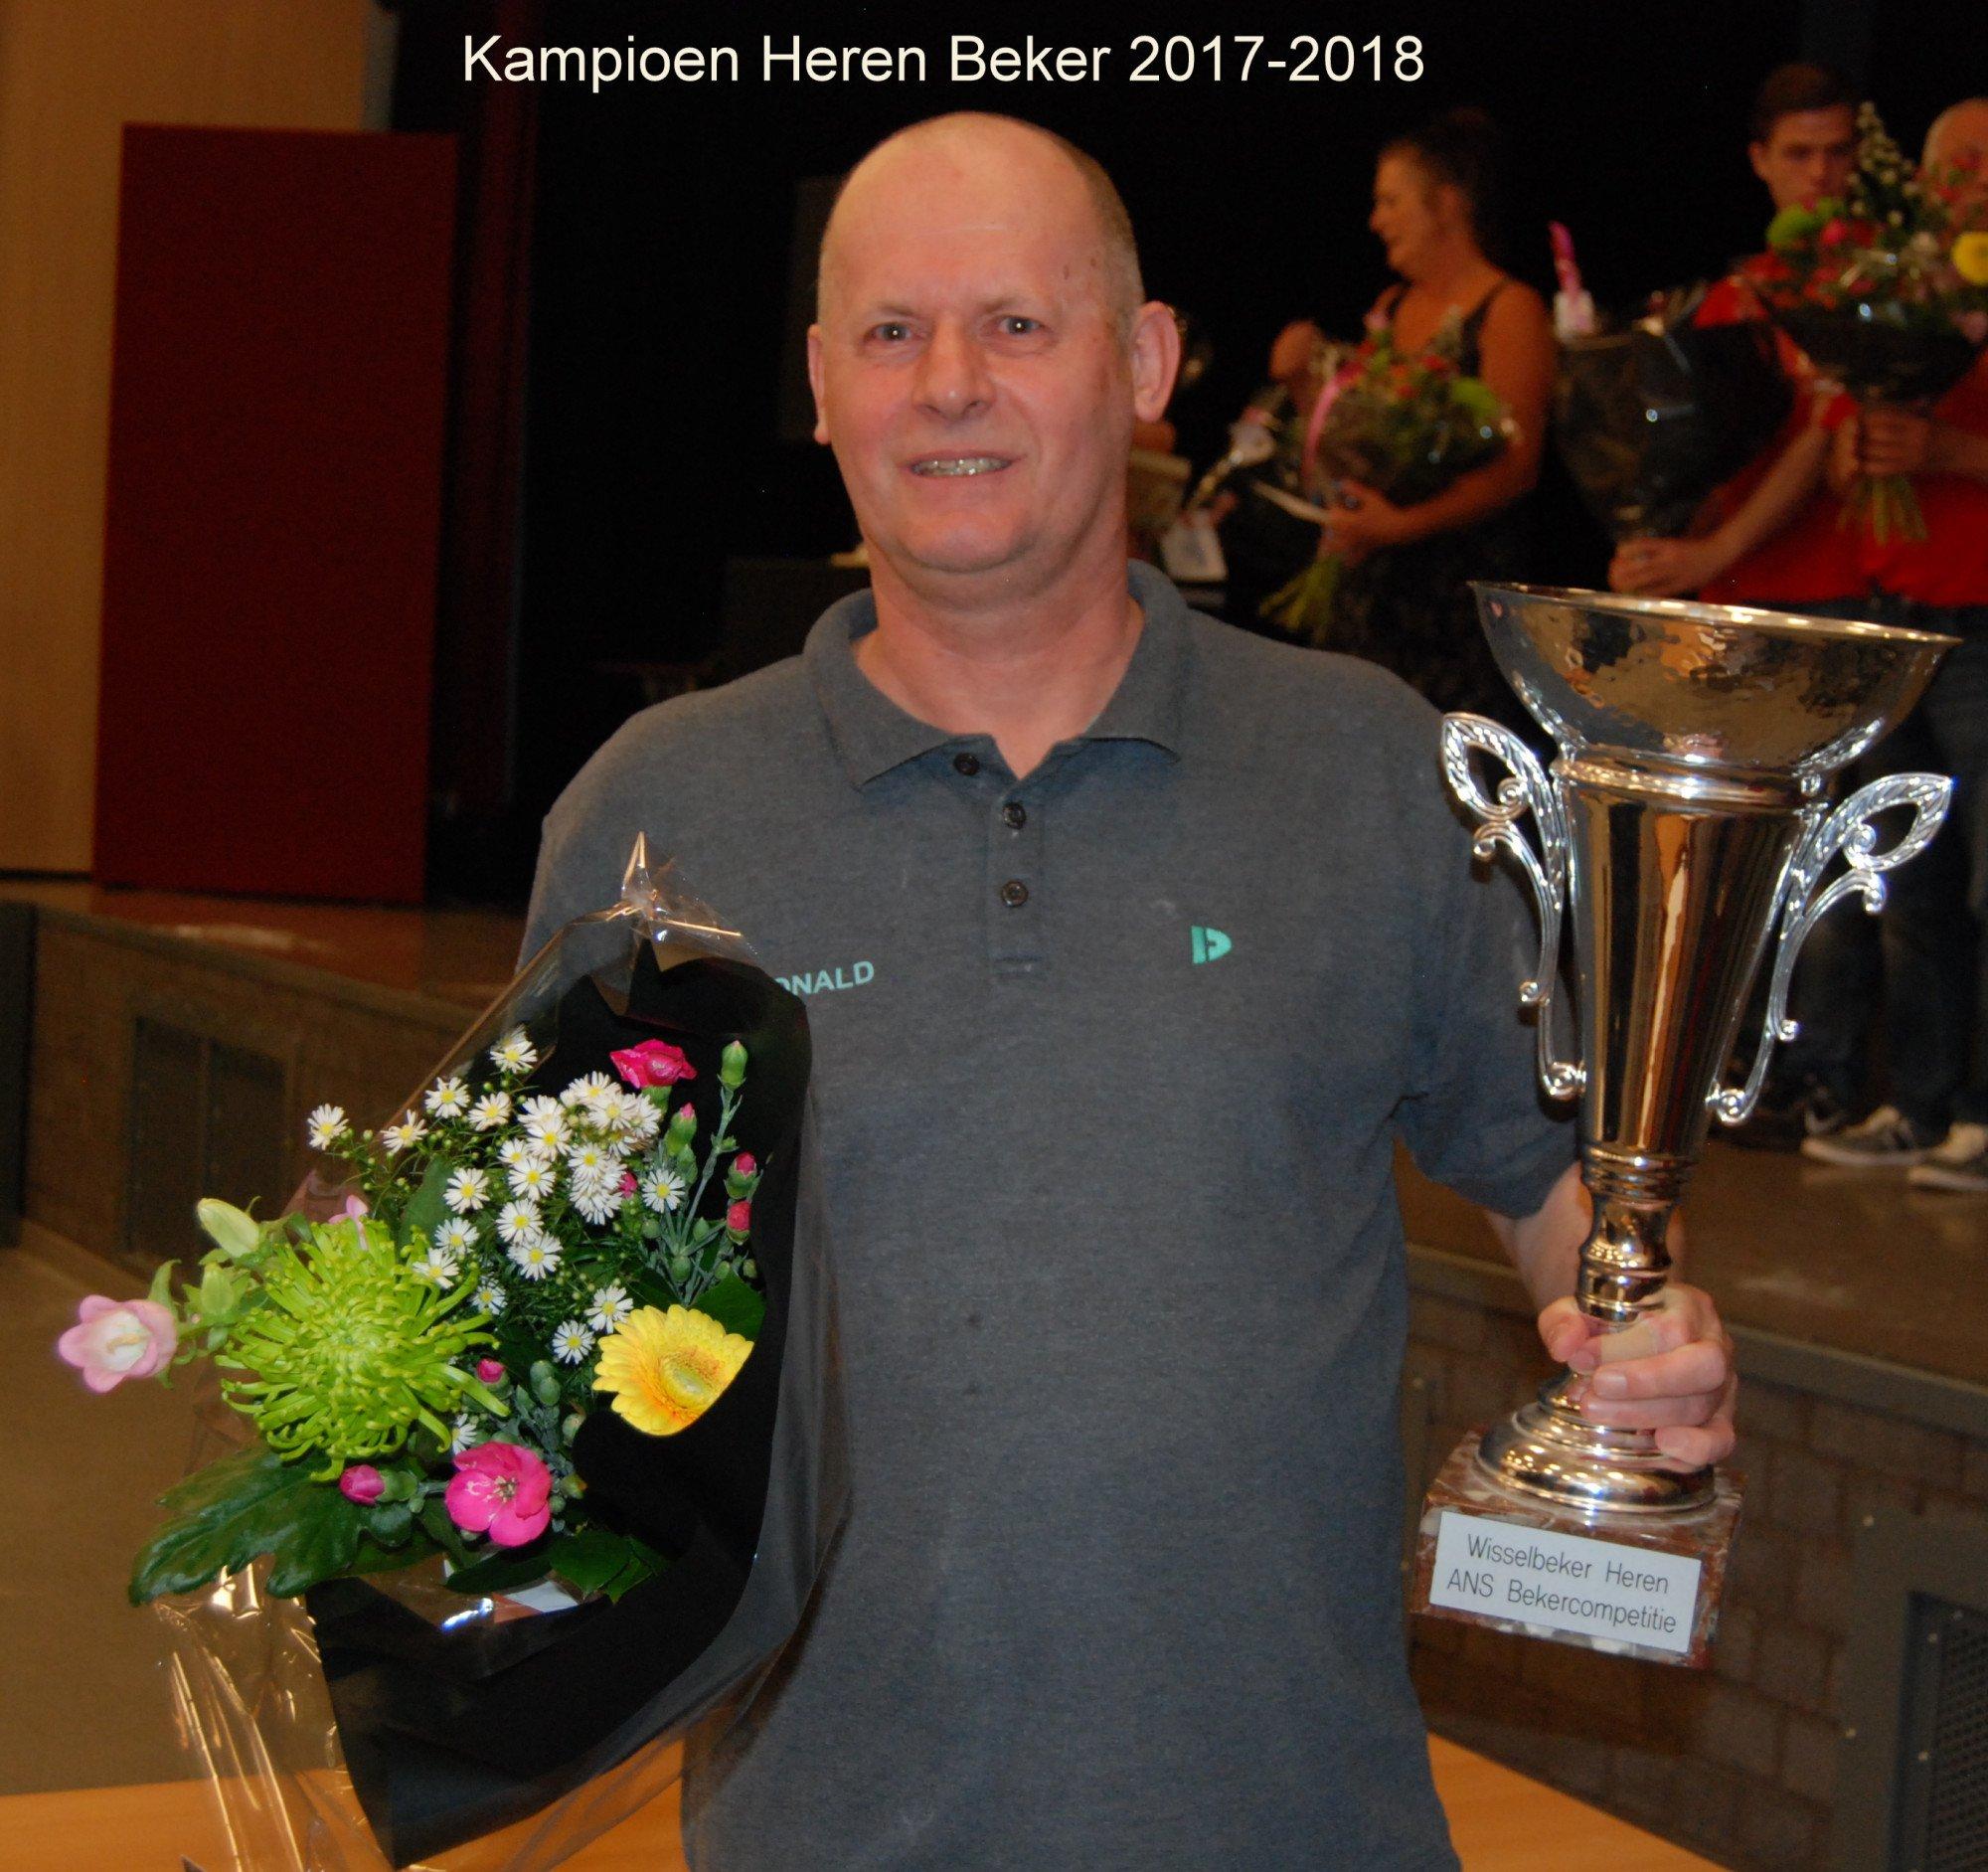 Kampioen Heren Beker 2017-2018